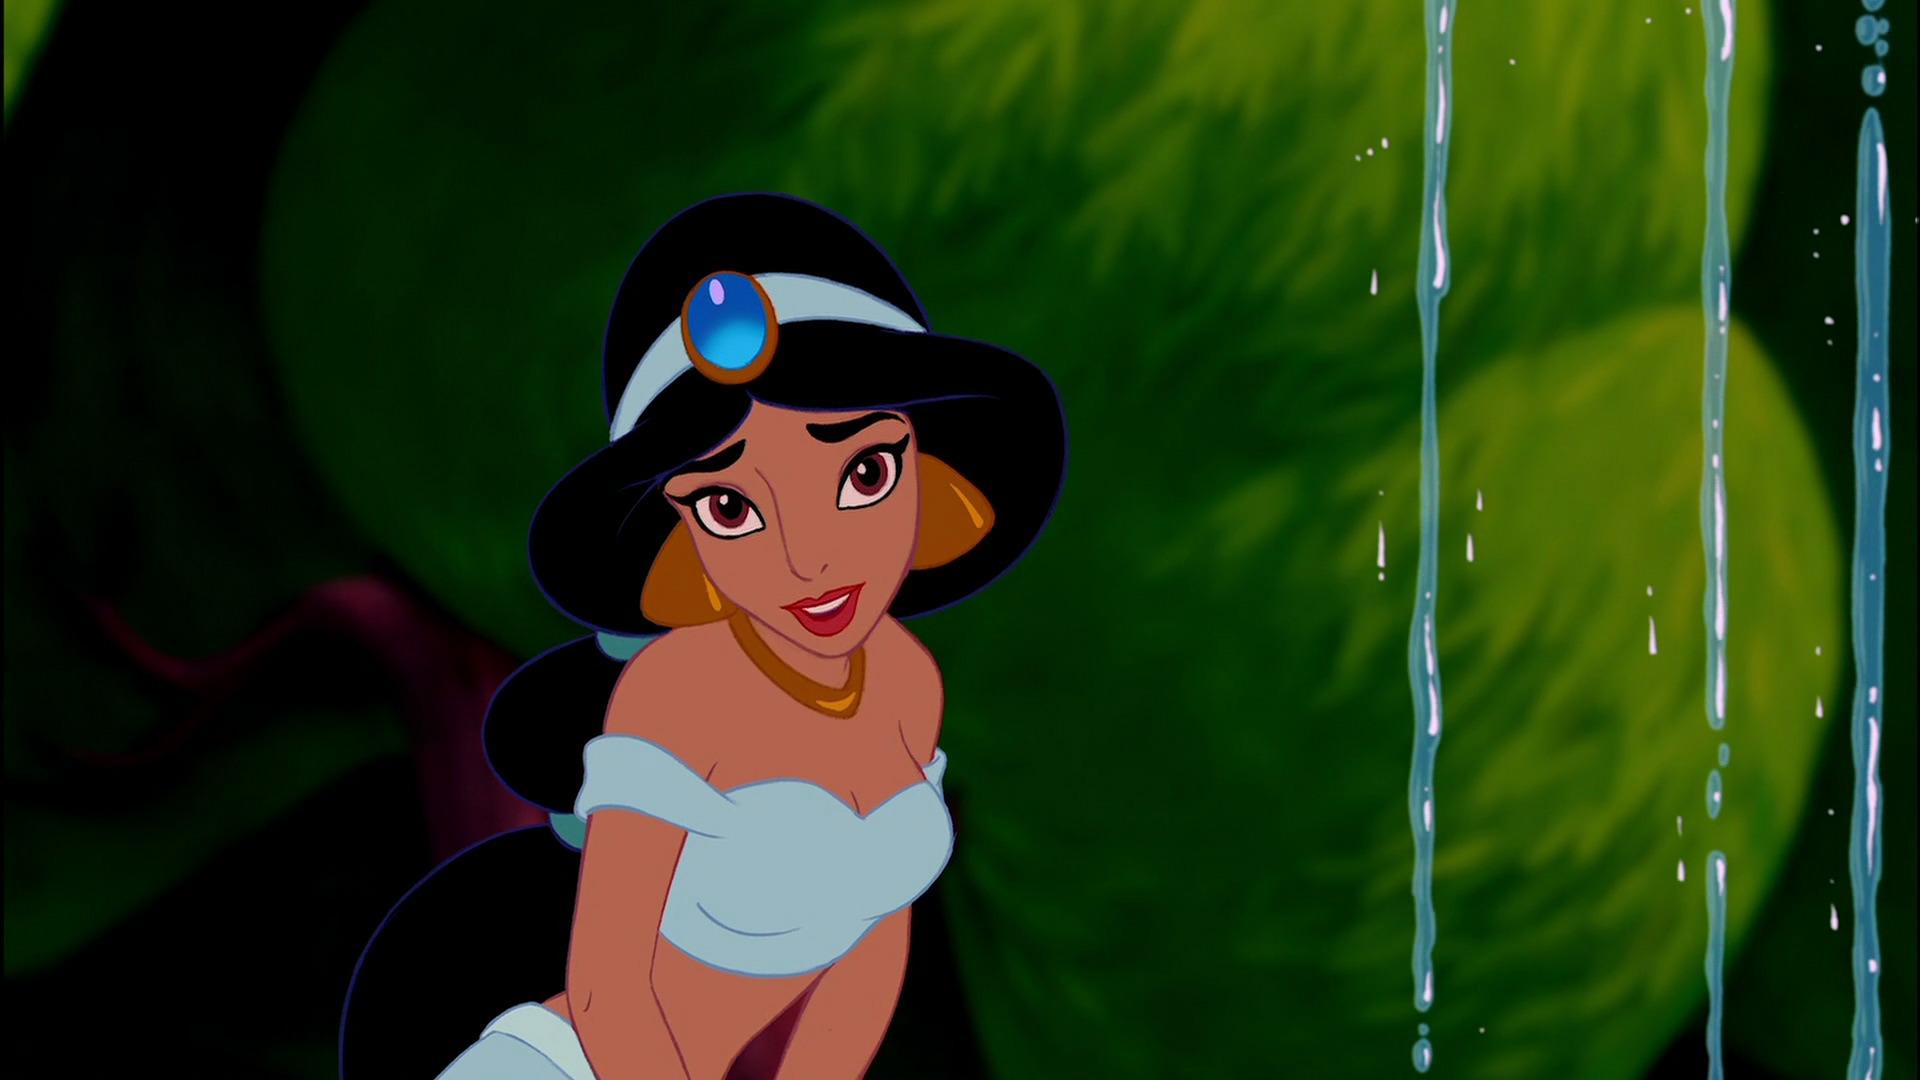 Эльфина принцесса служанка смотреть онлайн 9 фотография